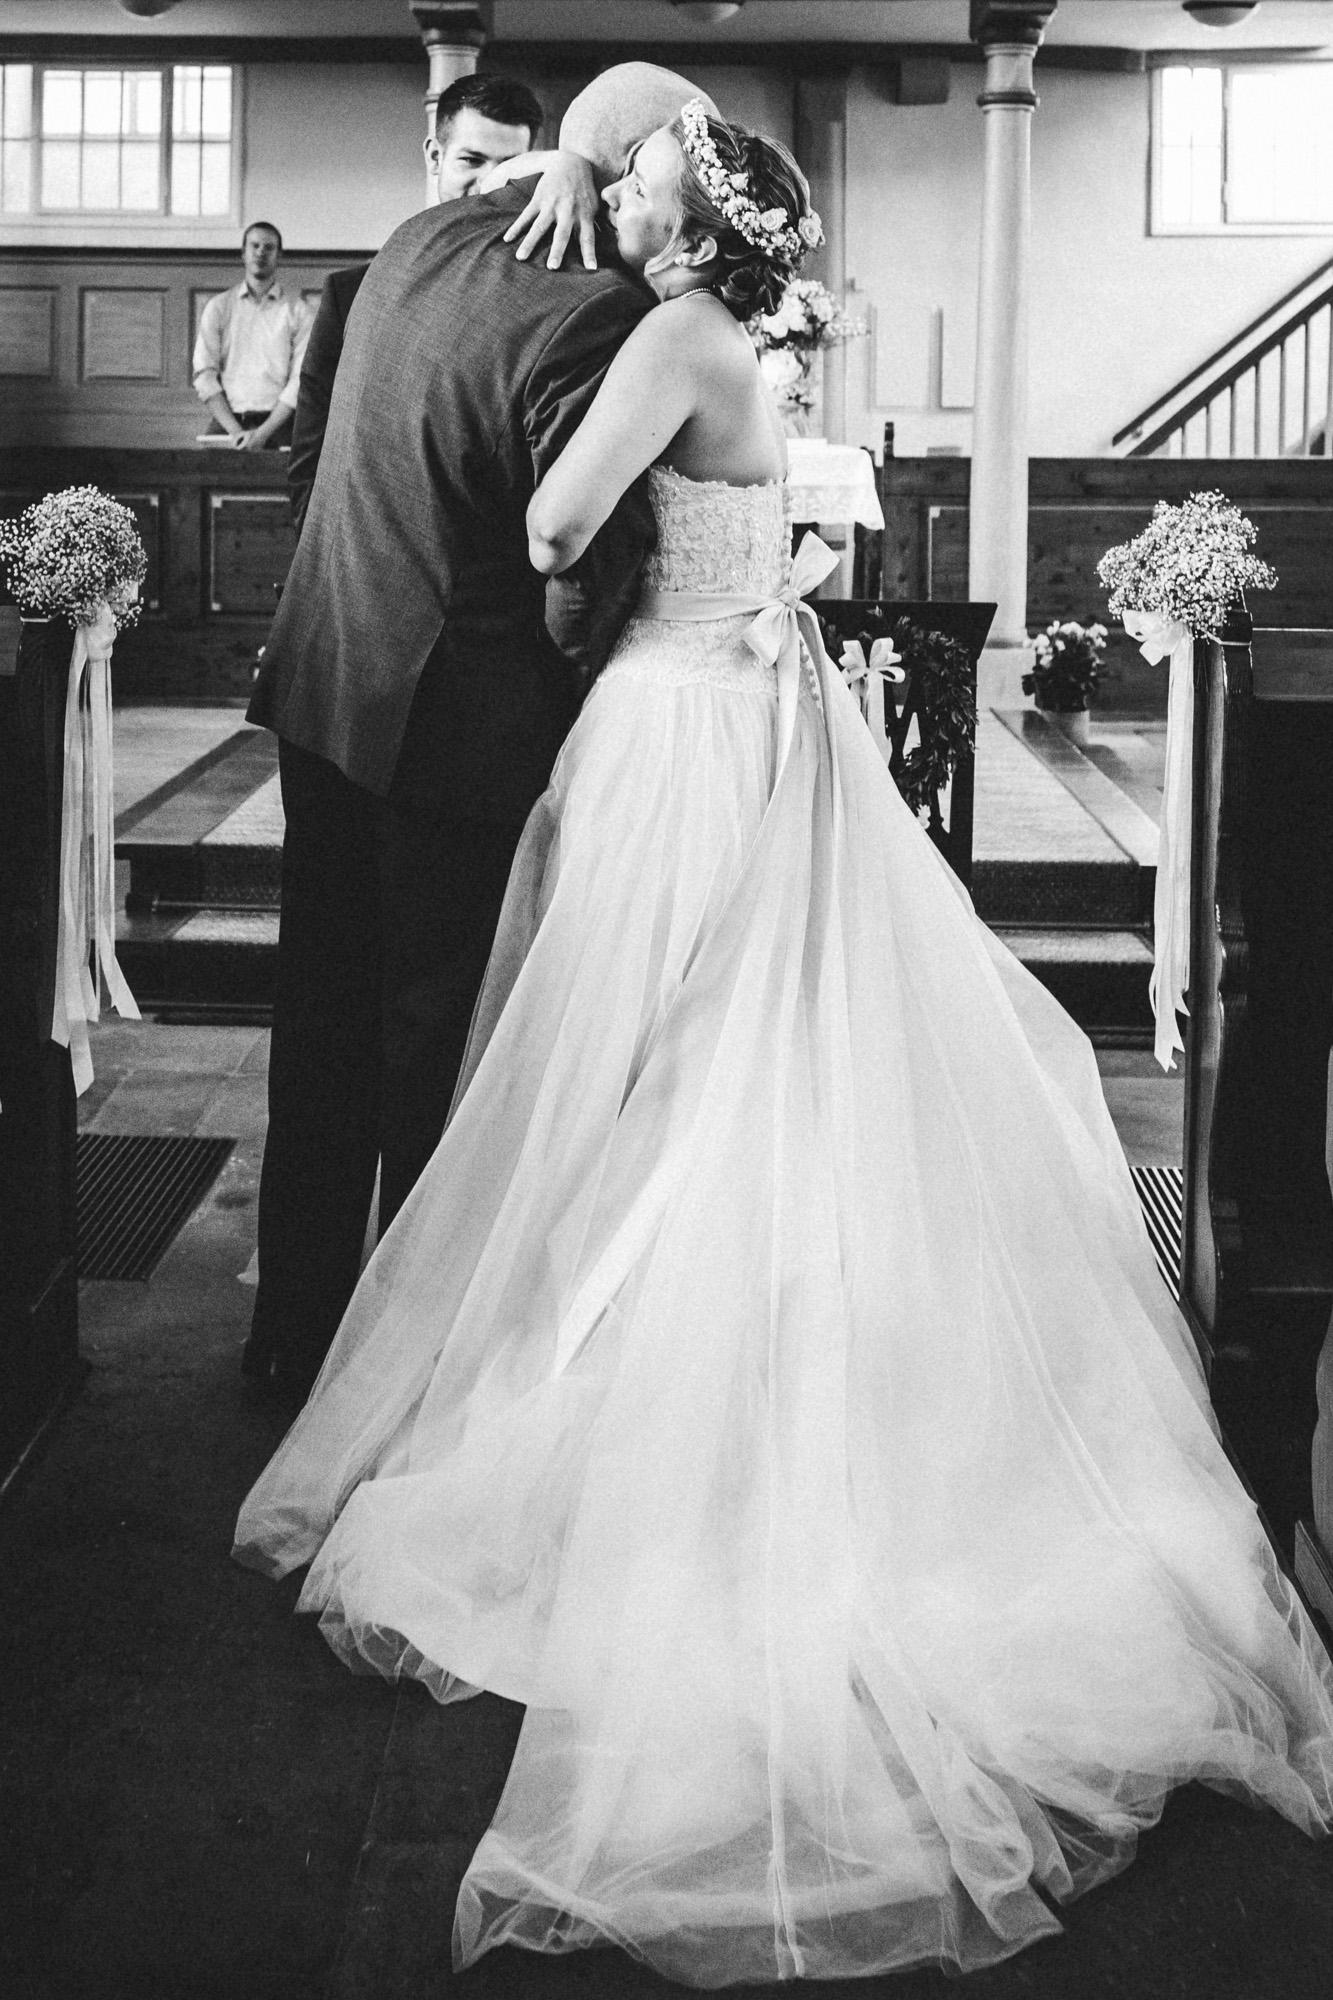 hannah und elias 017 - Schwarz-Weiß Hochzeit